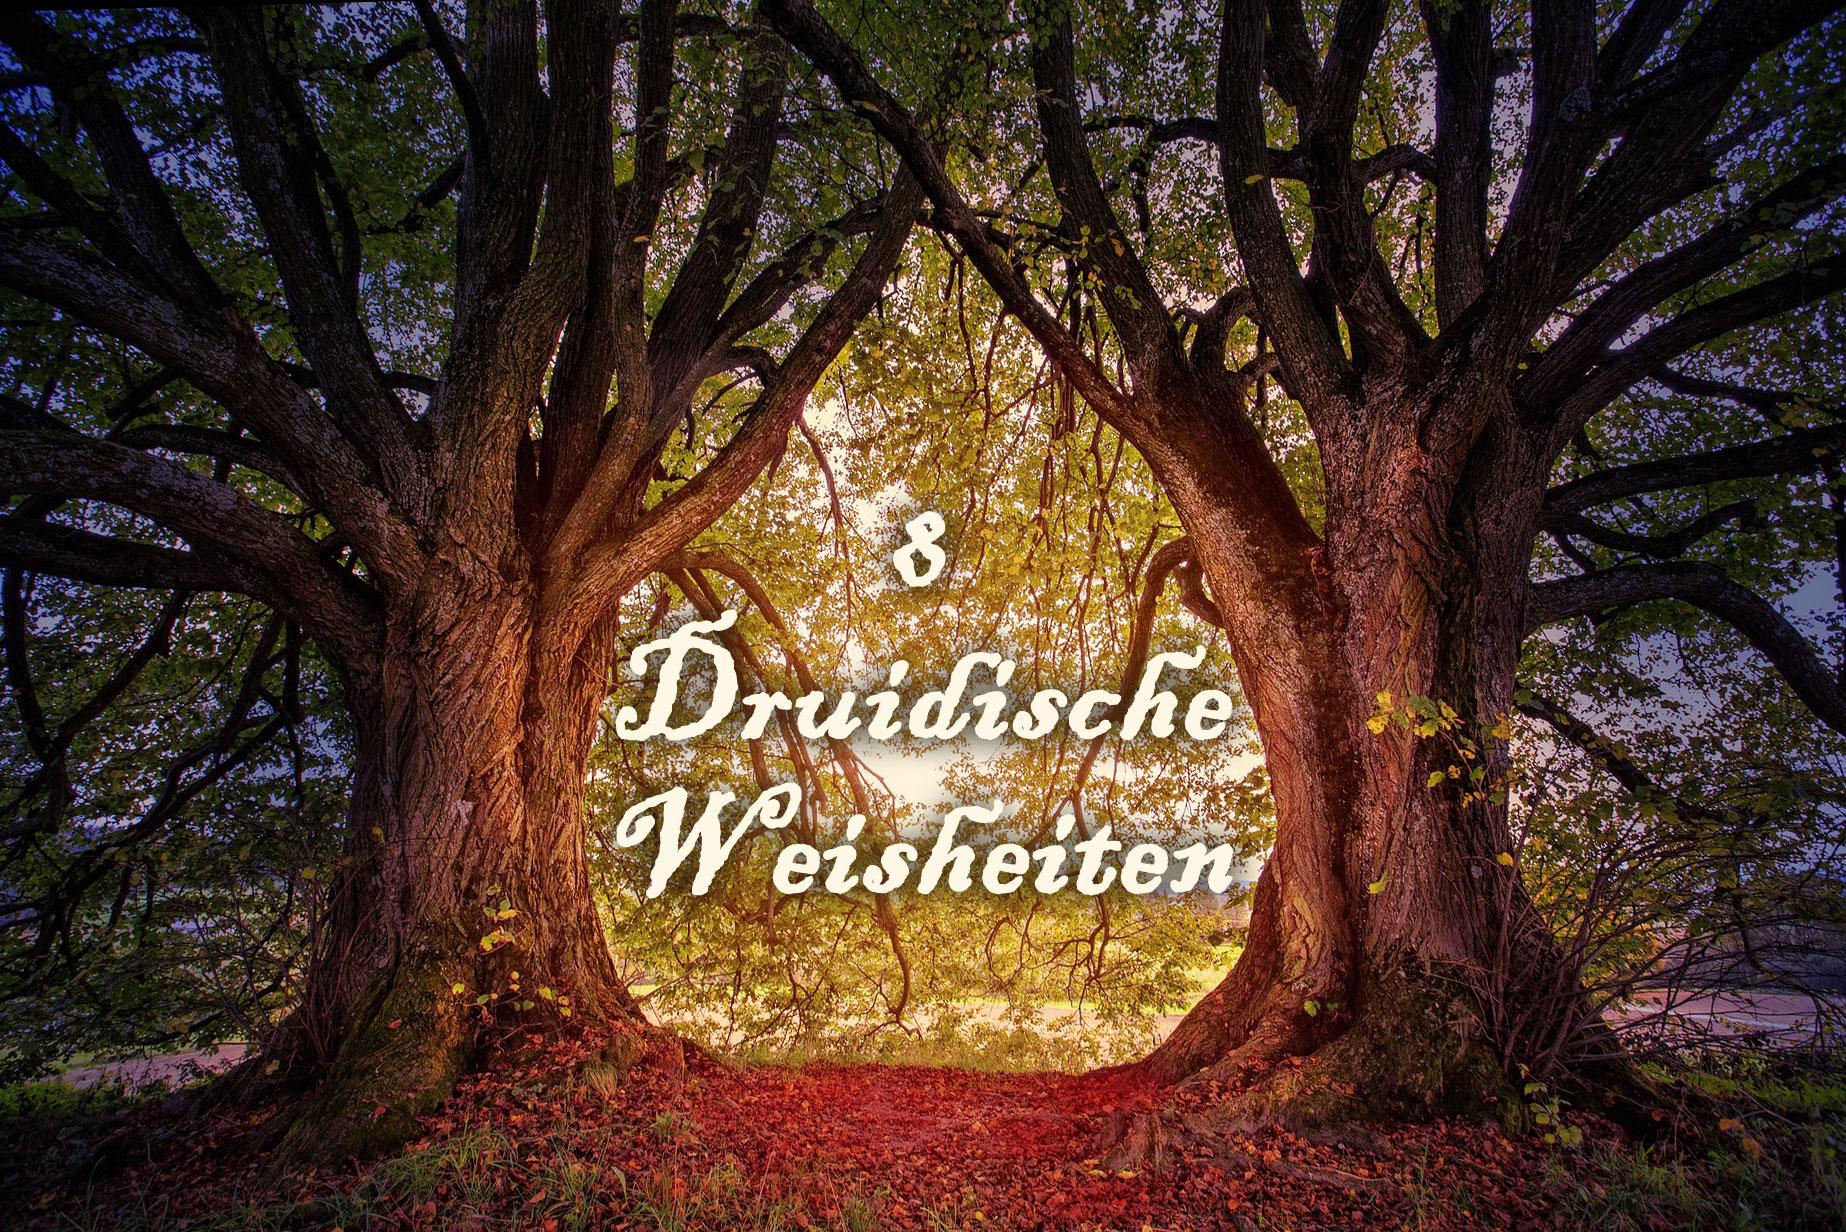 8 Druidische Weisheiten